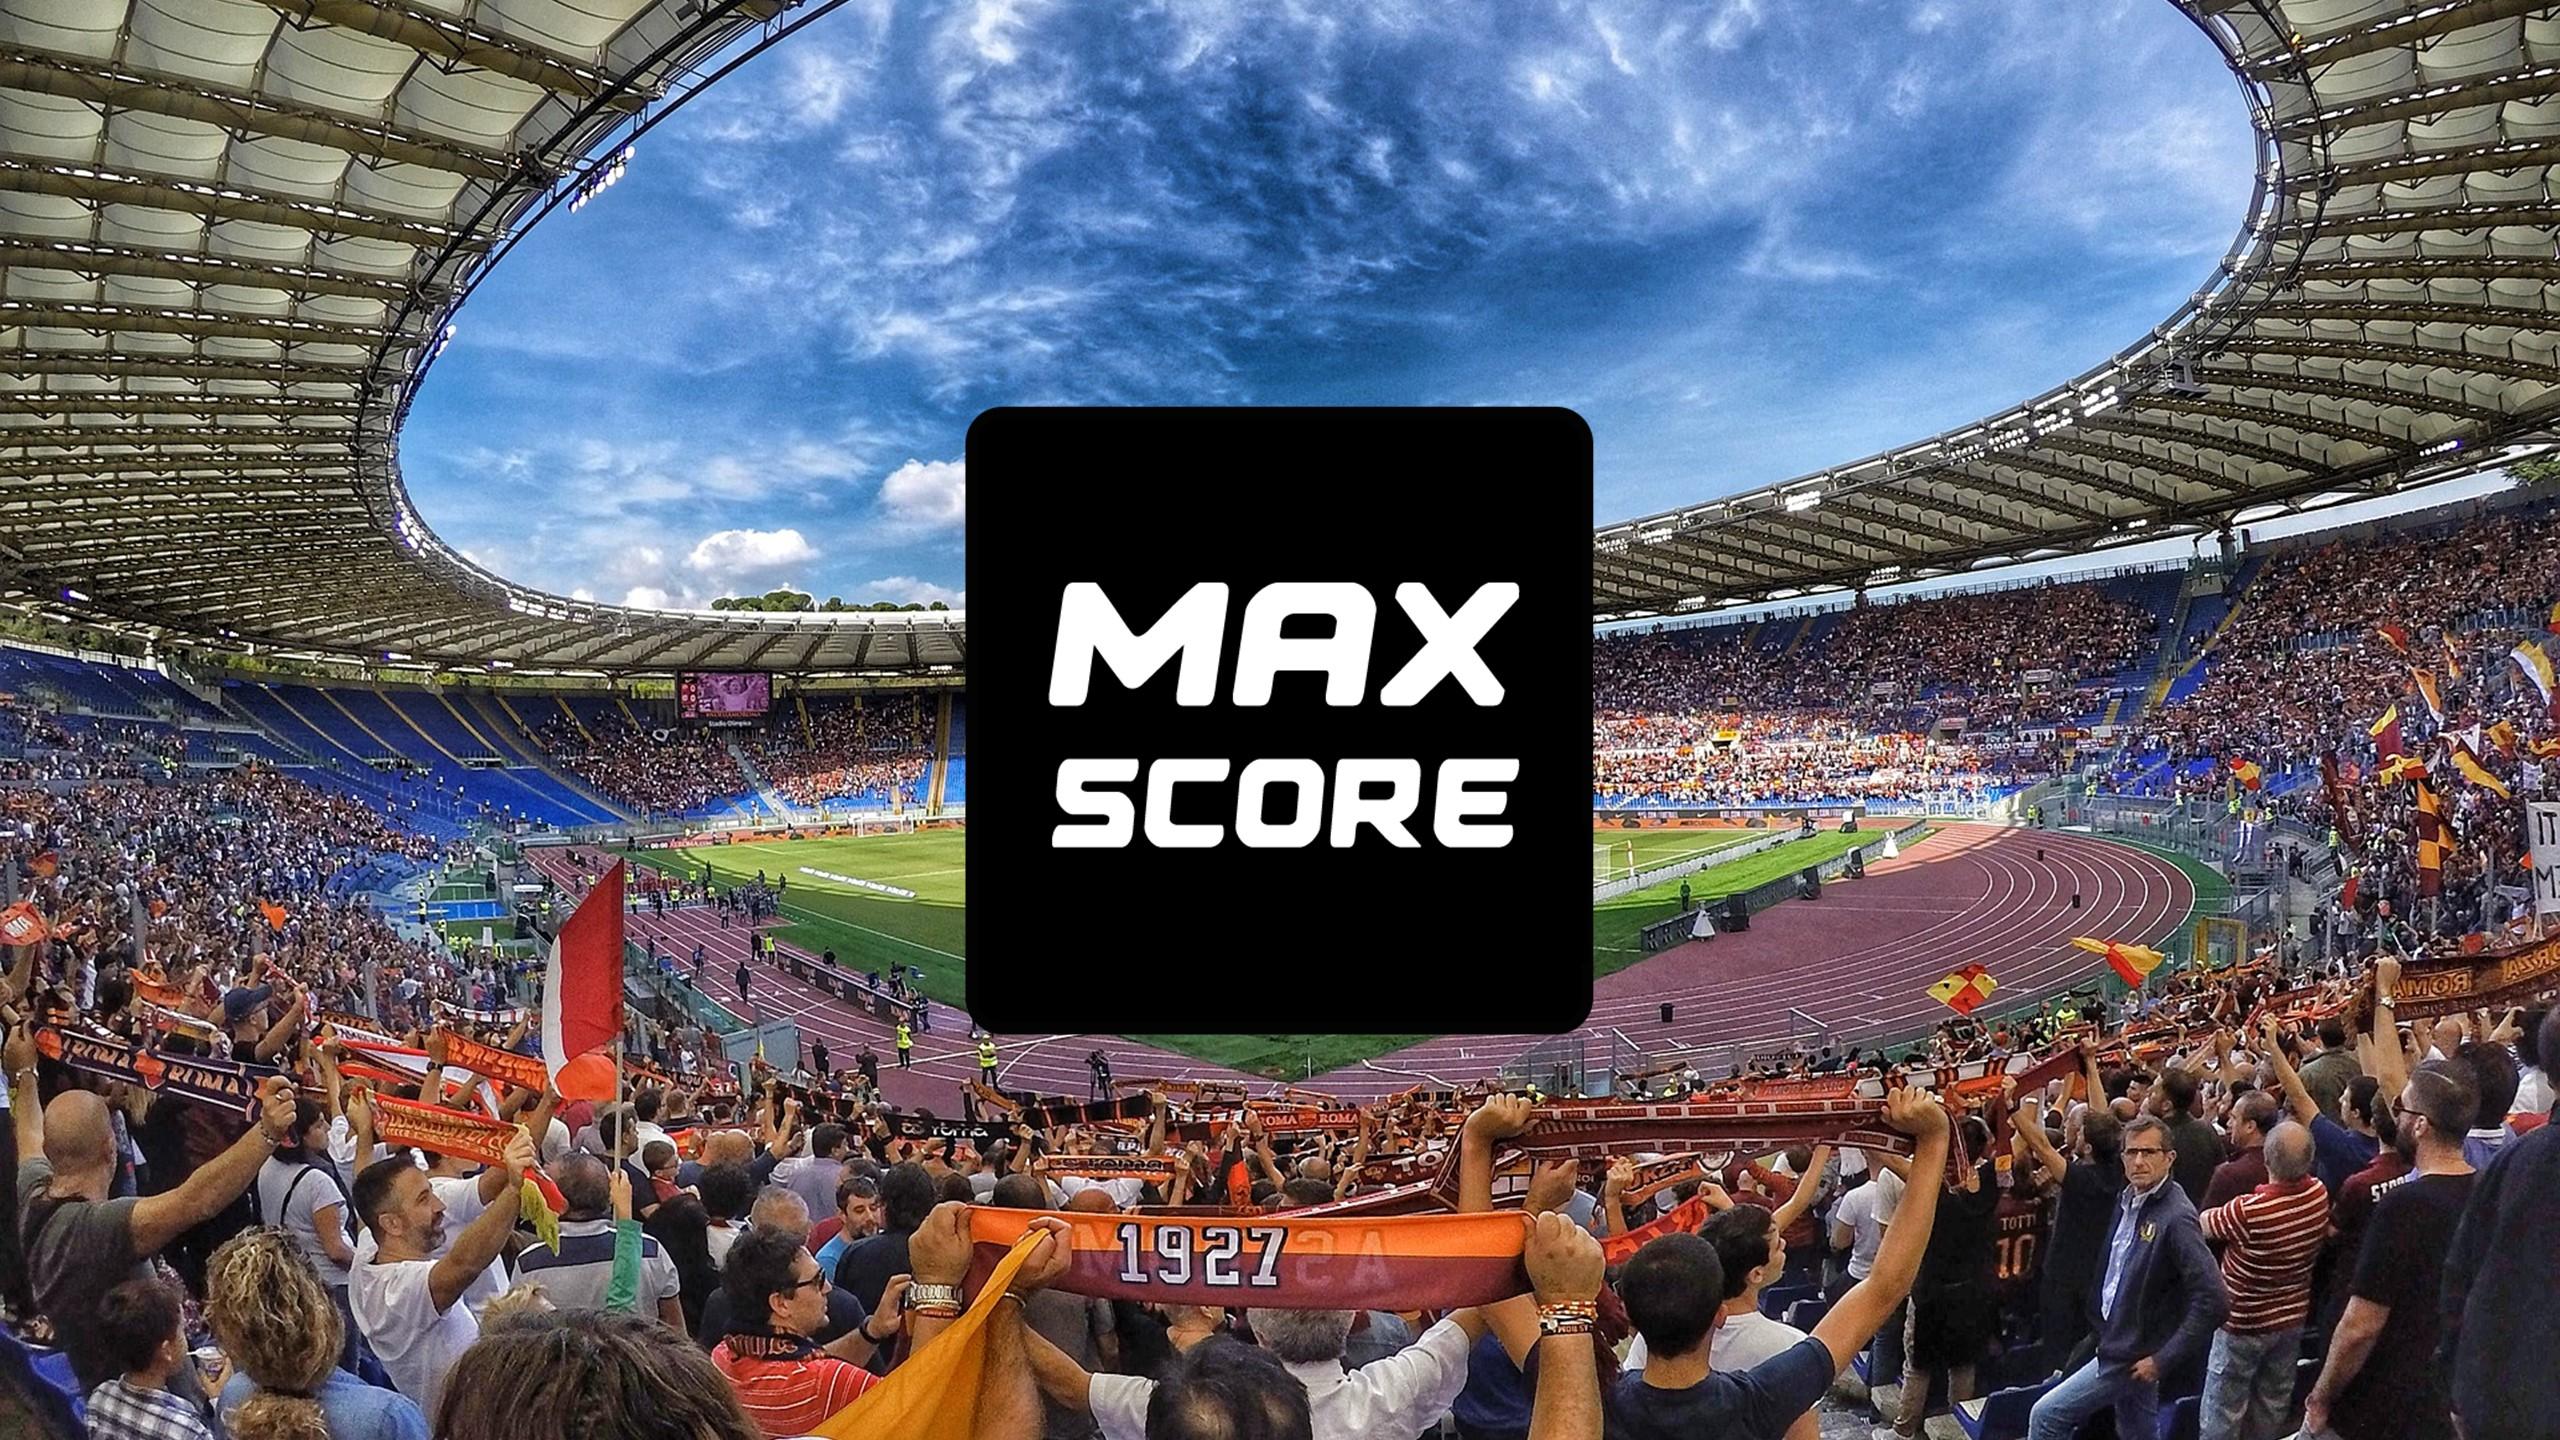 Max-score-logo-stadium